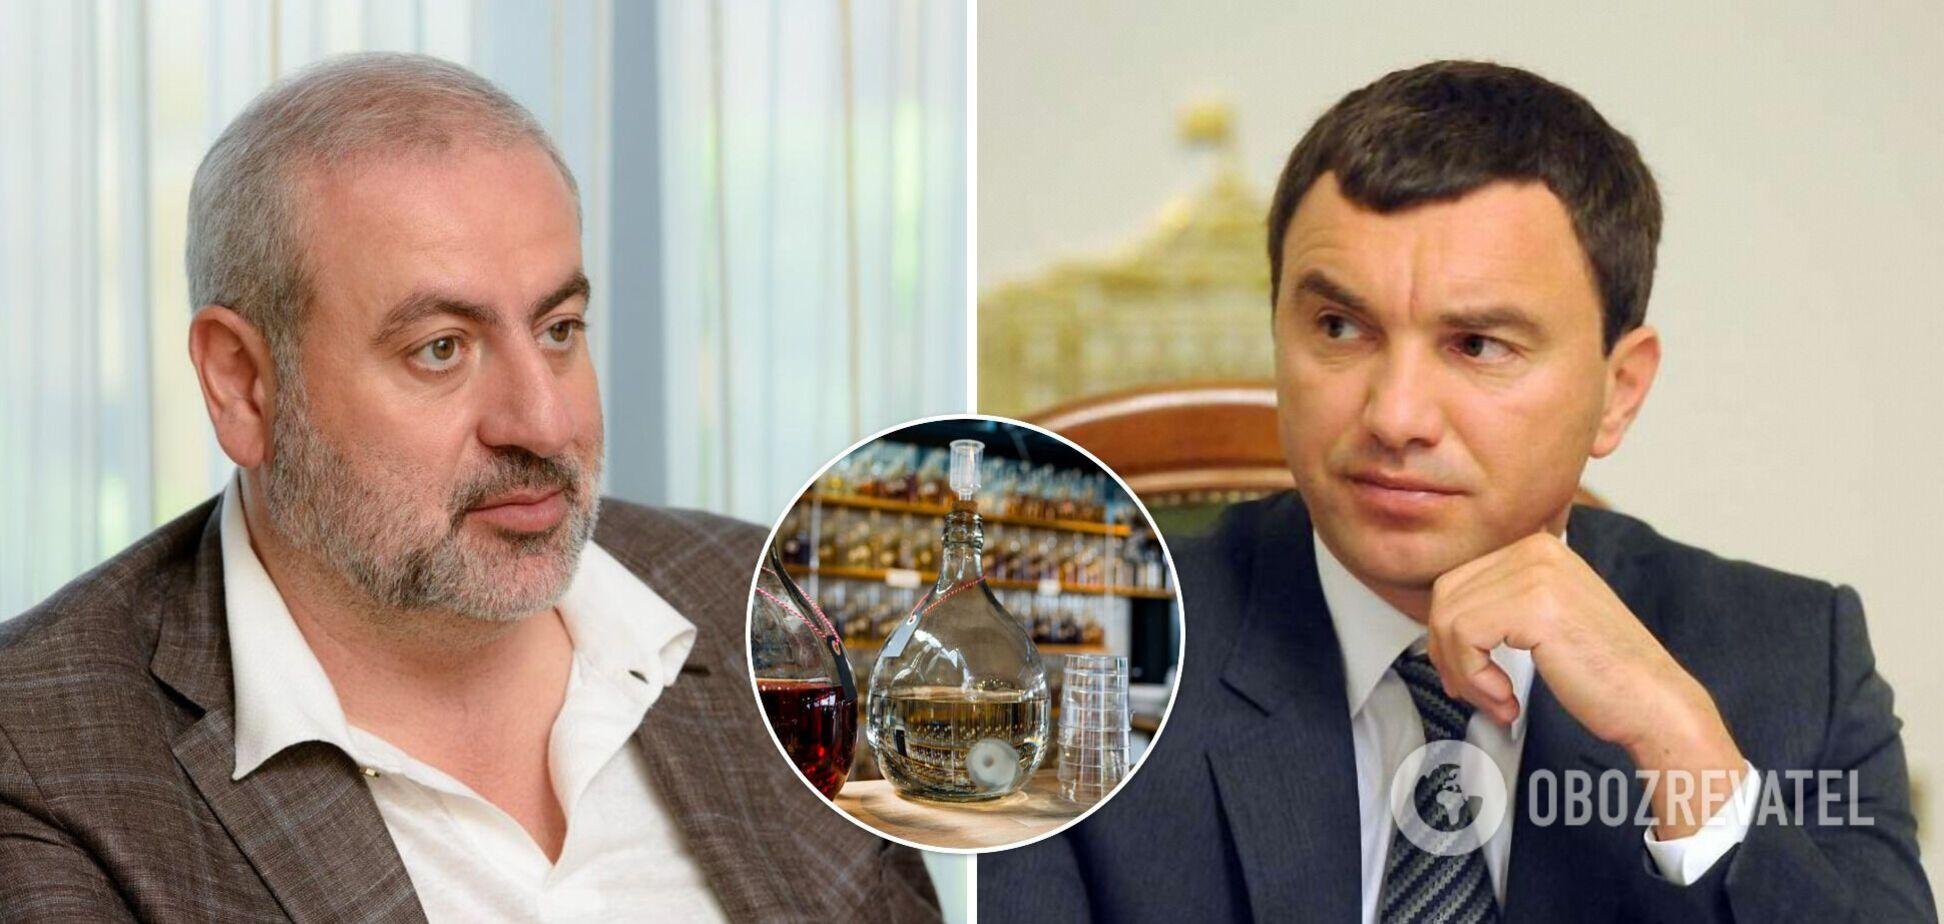 Гранц і Іванчук можуть бути замішані в контрабанді алкоголю